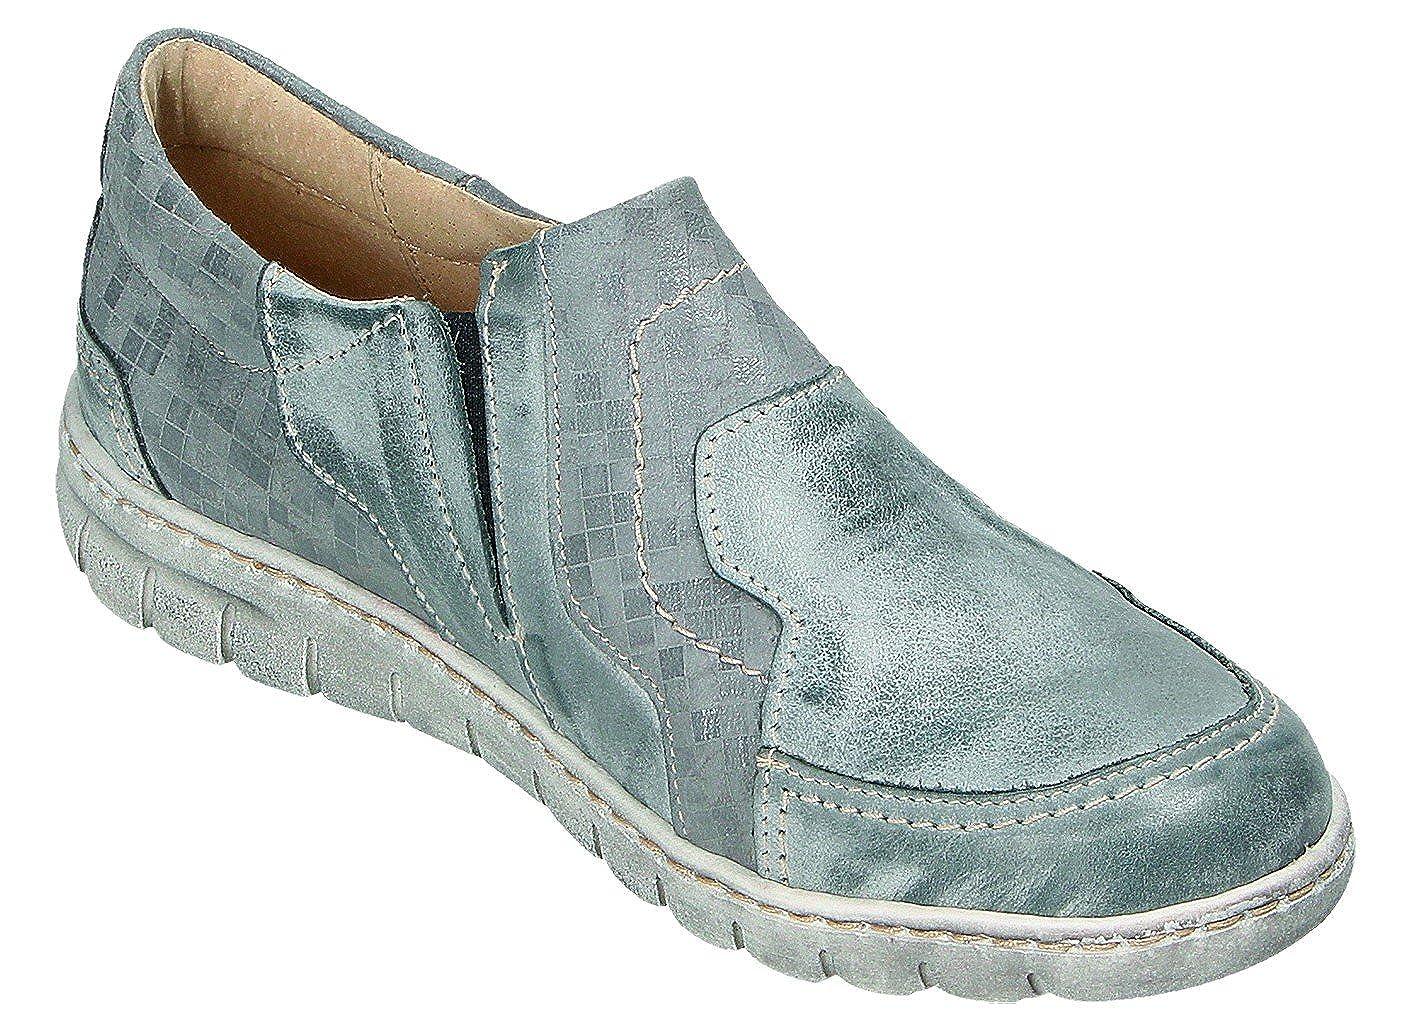 MICCOS Schuhes Schuhes MICCOS Slipper D.Slipper Grau 72e300